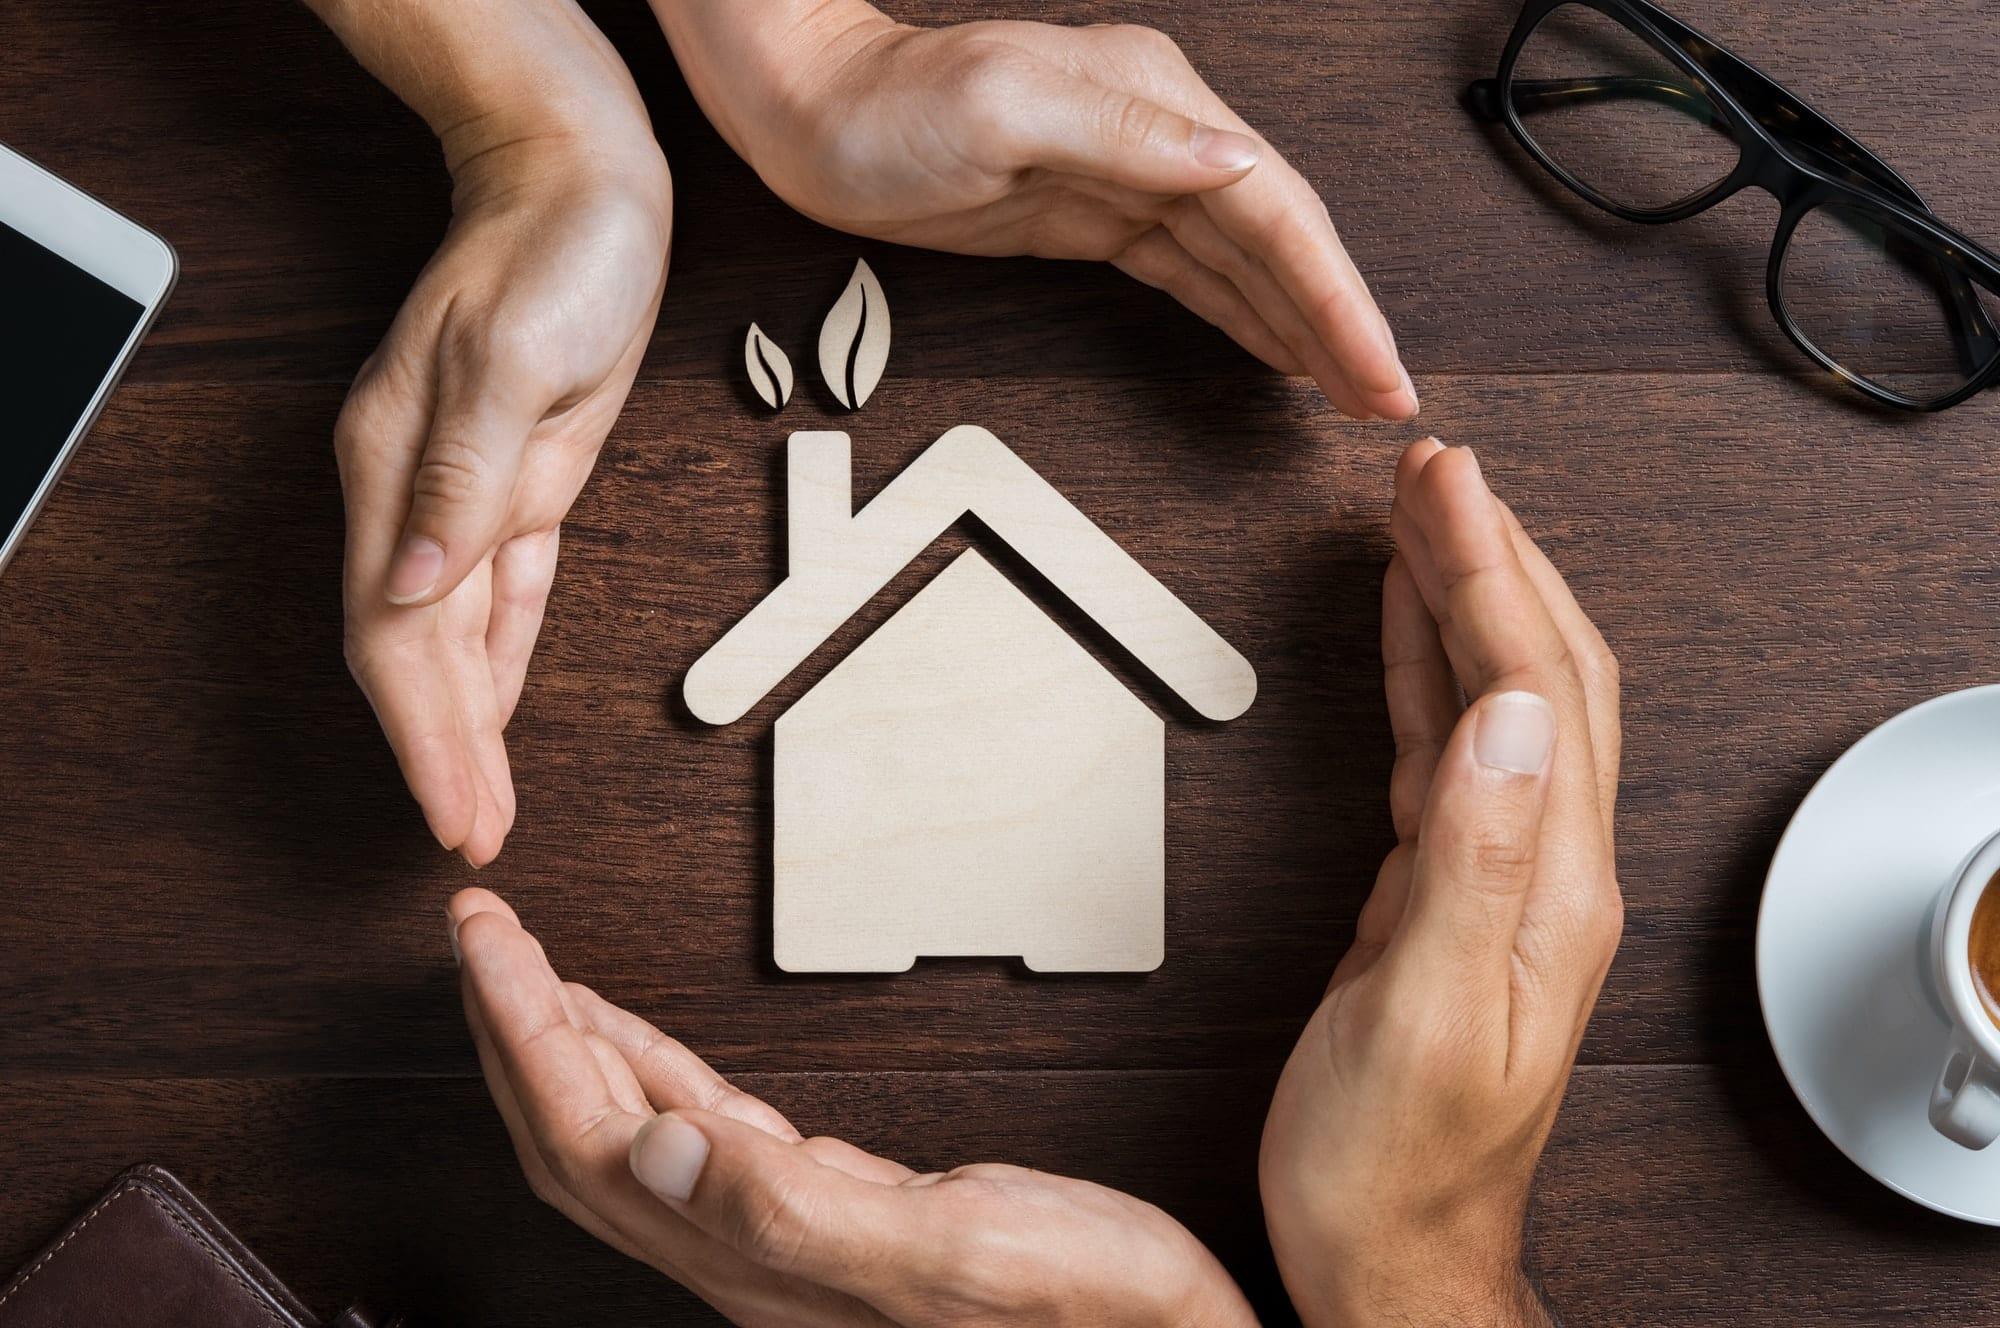 le coût moyen d'une assurance habitation ?